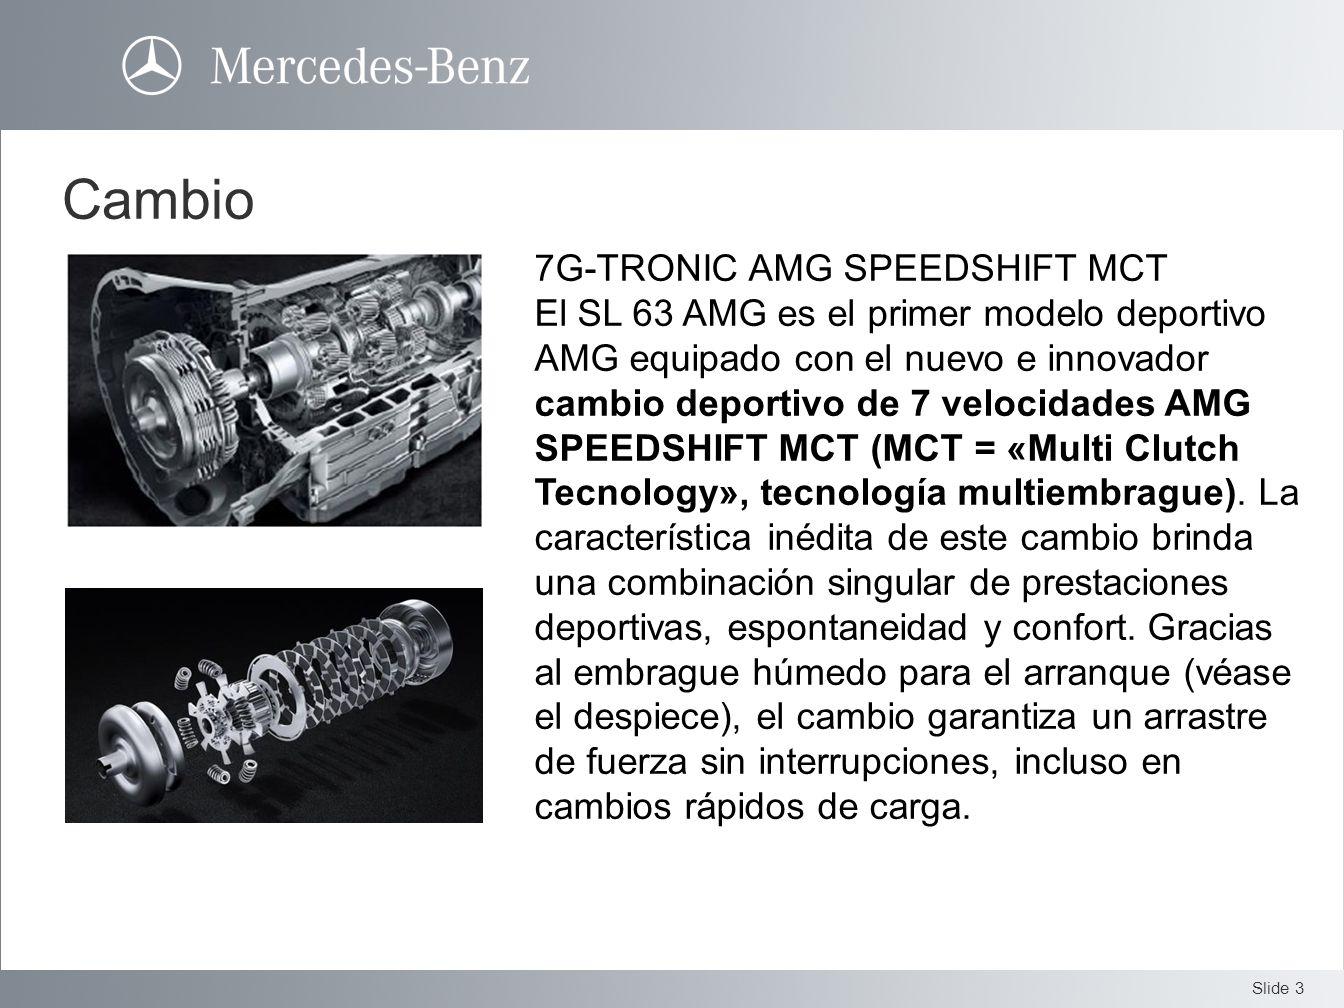 Slide 4 7G-TRONIC AMG SPEEDSHIFT MCT / RACESTART Cambio Condiciones - Temperatura del motor >80° - Timón recto - Freno accionado - Cambio en posición D - ESP – Sport - RS activo - UP en la mariposa de marcha - Acelerar y soltar el freno